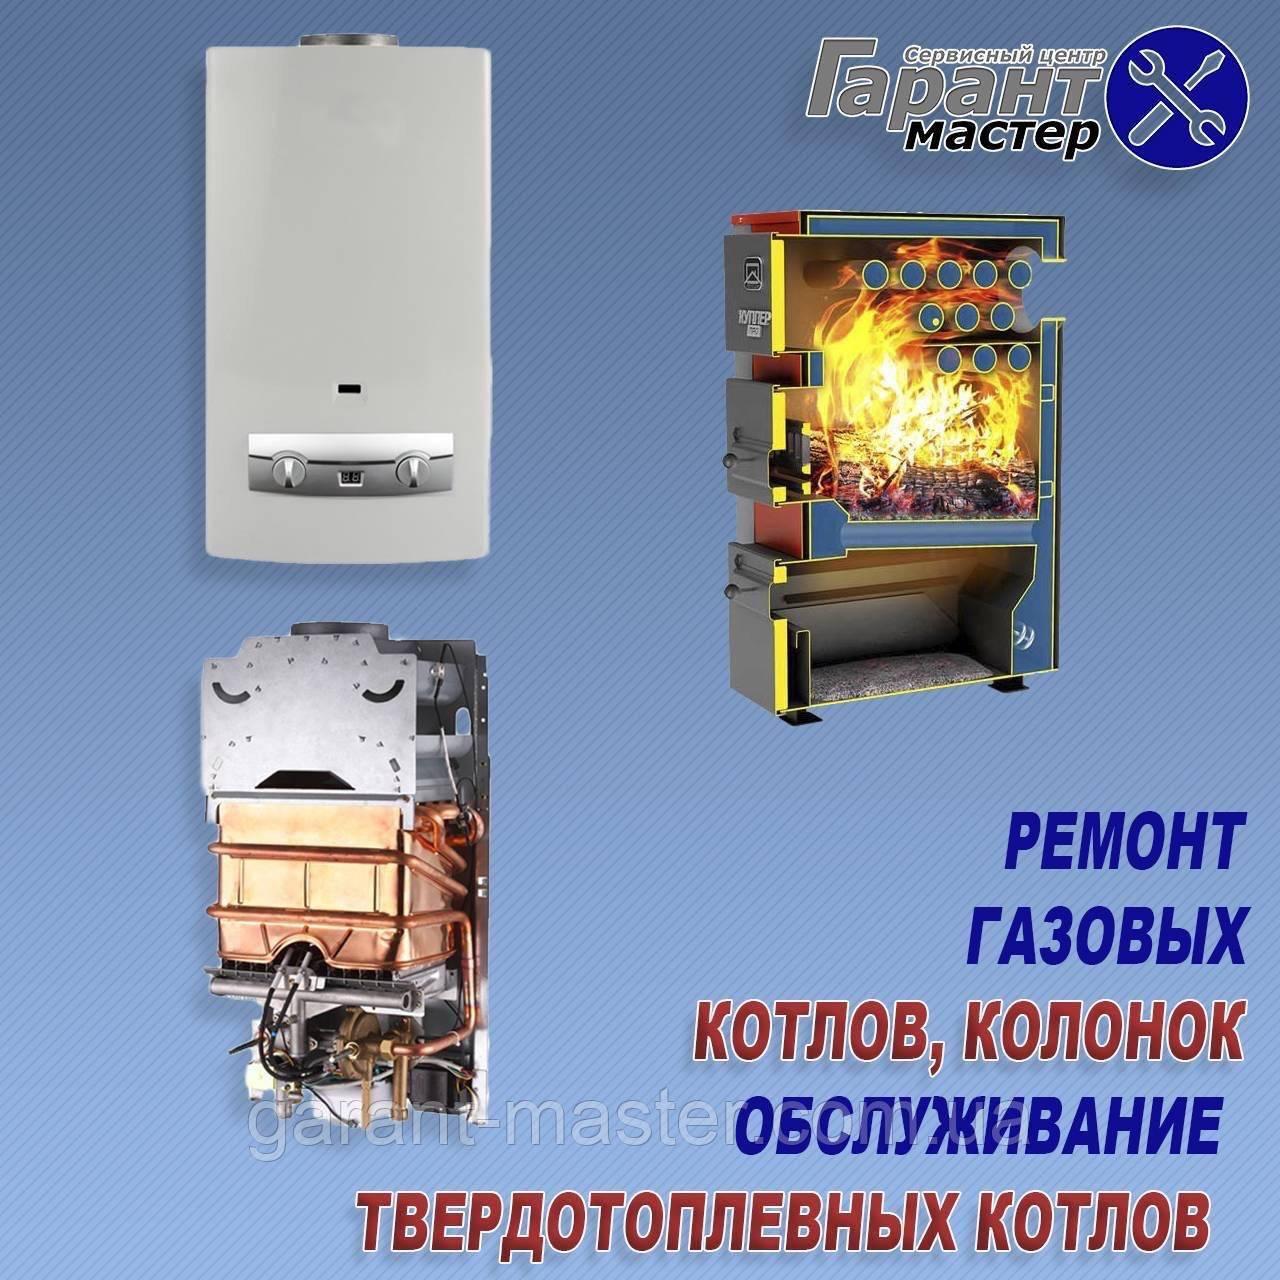 Ремонт газовой колонки, котла DE DIETRICH в Харькове